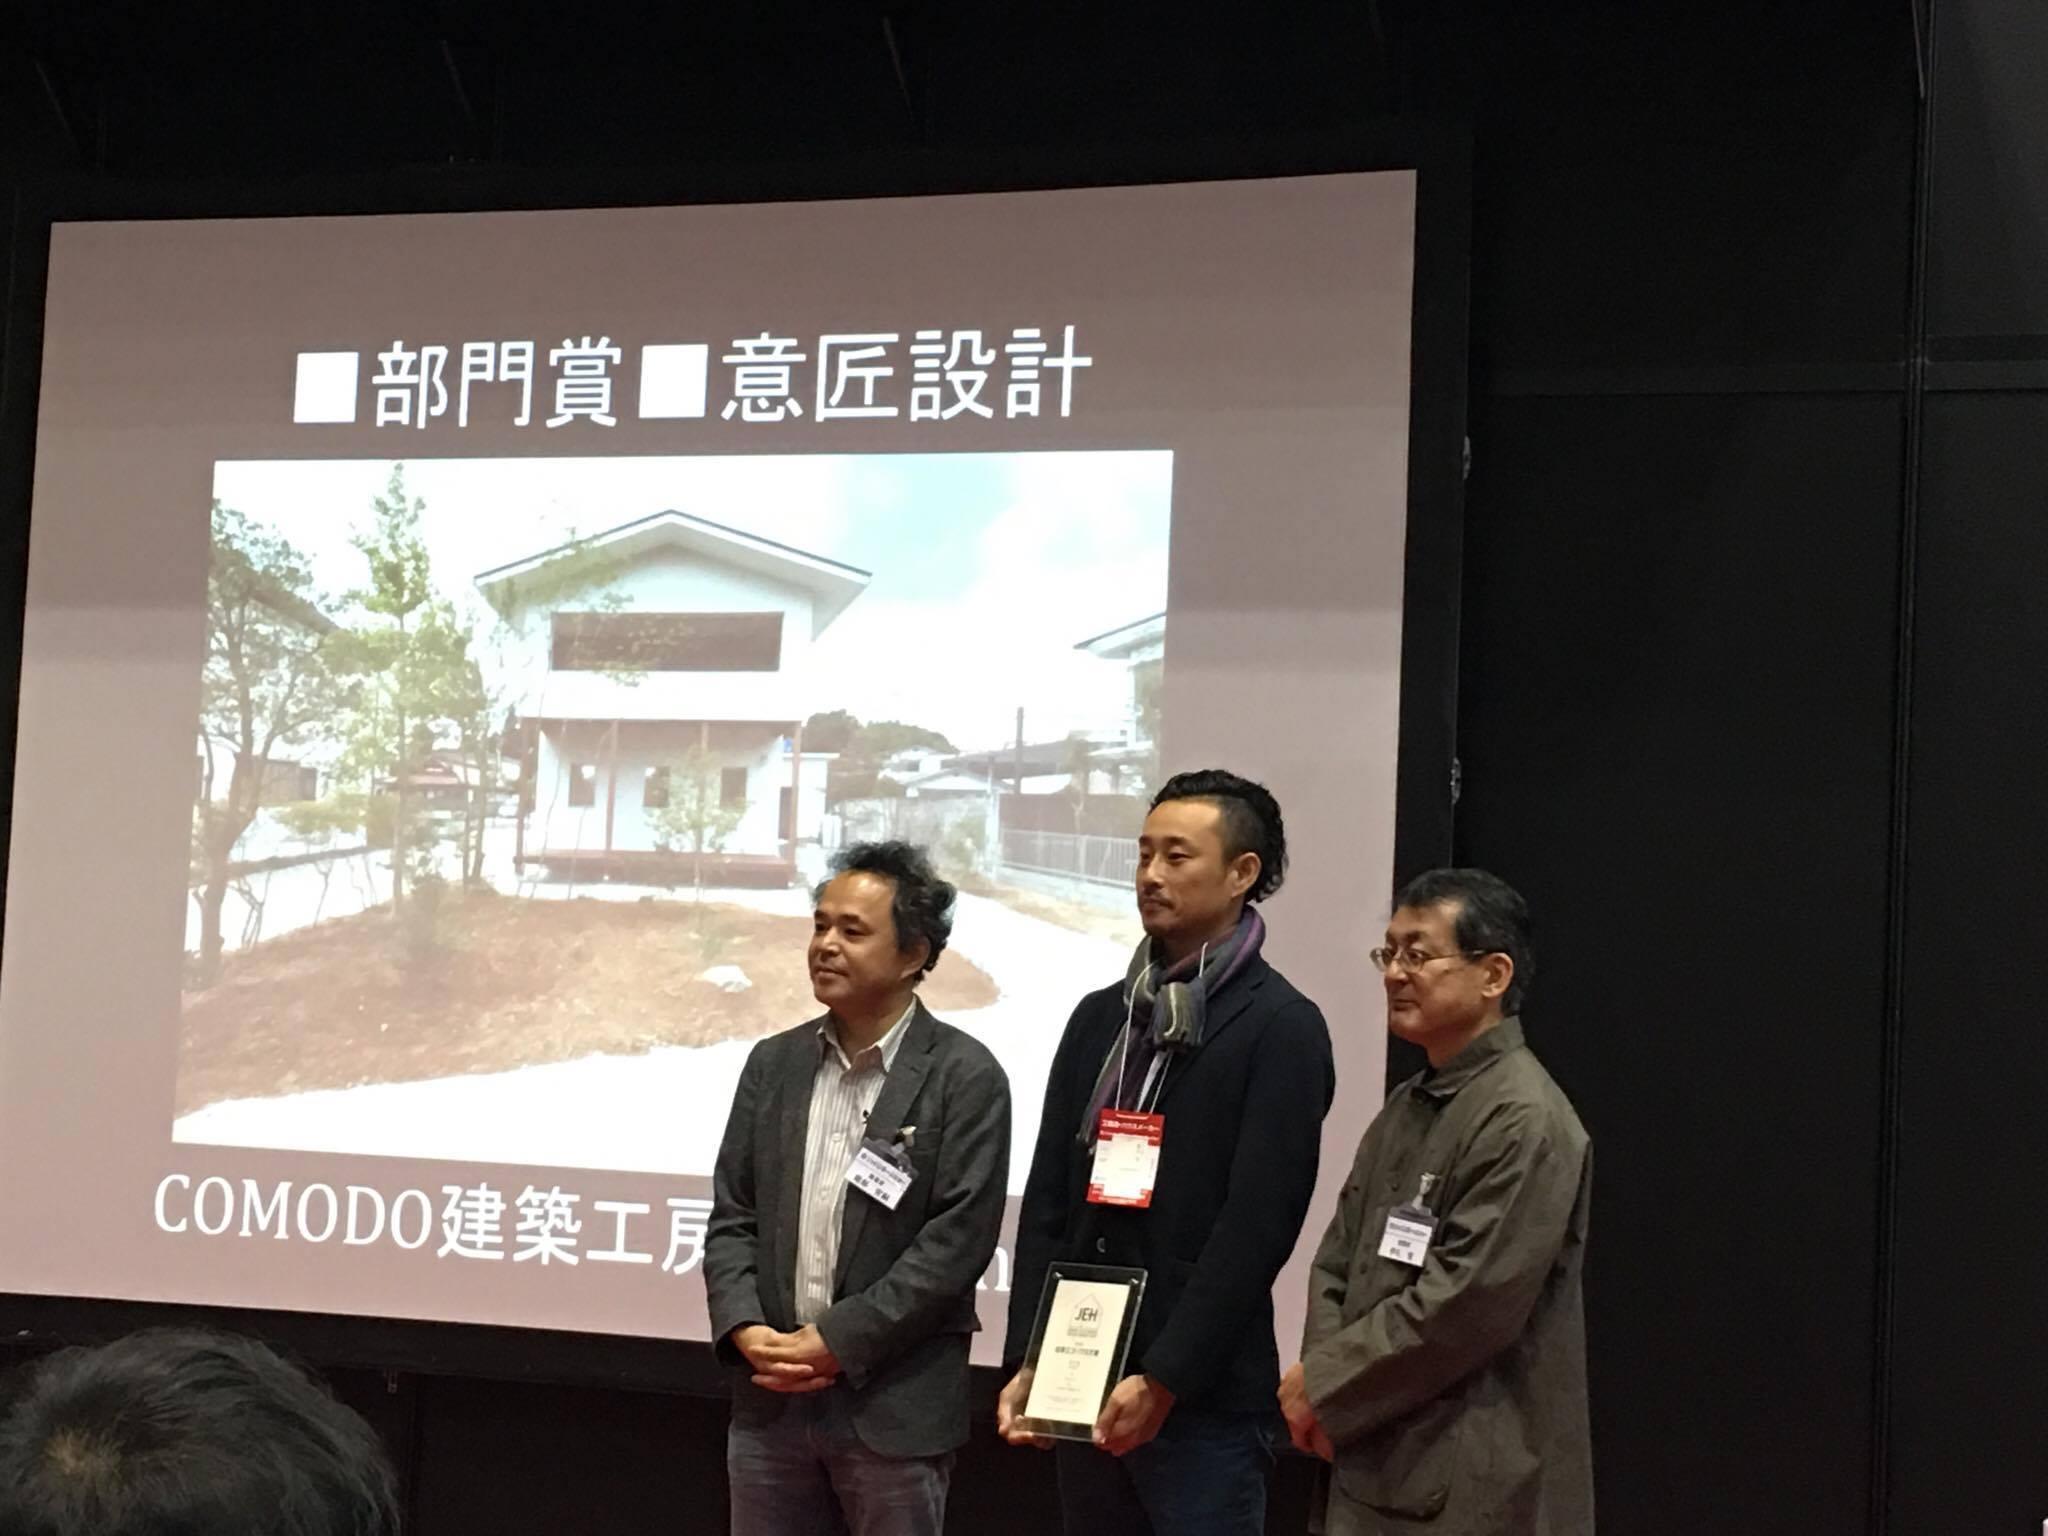 日本エコハウス大賞:意匠部門賞受賞とロッケンロール建築_d0122640_20471930.jpg